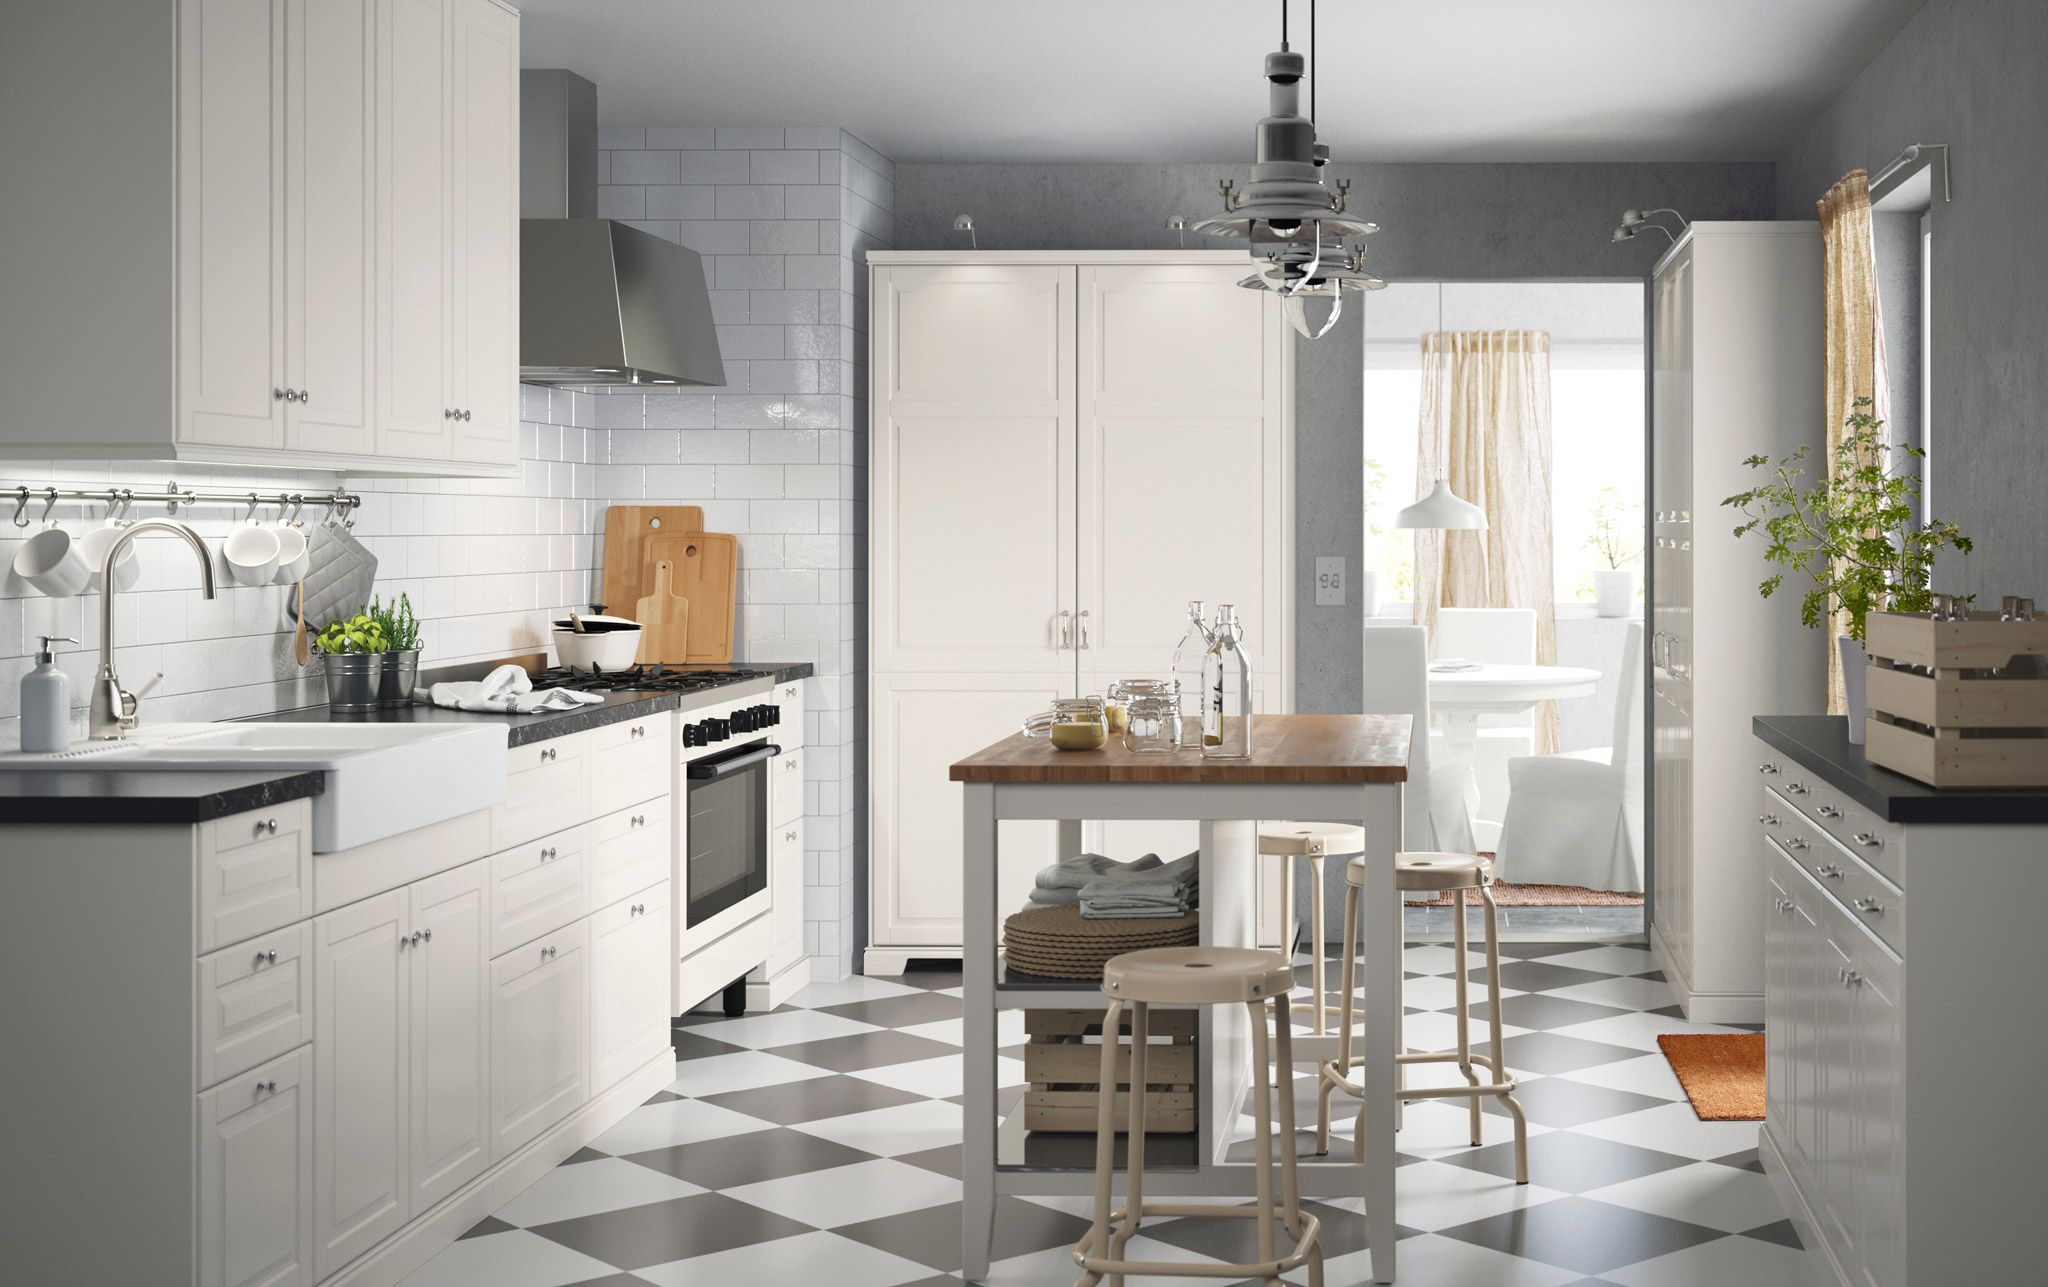 IKEA Bodbyn kitchen w/ diamond black & white floor tiles